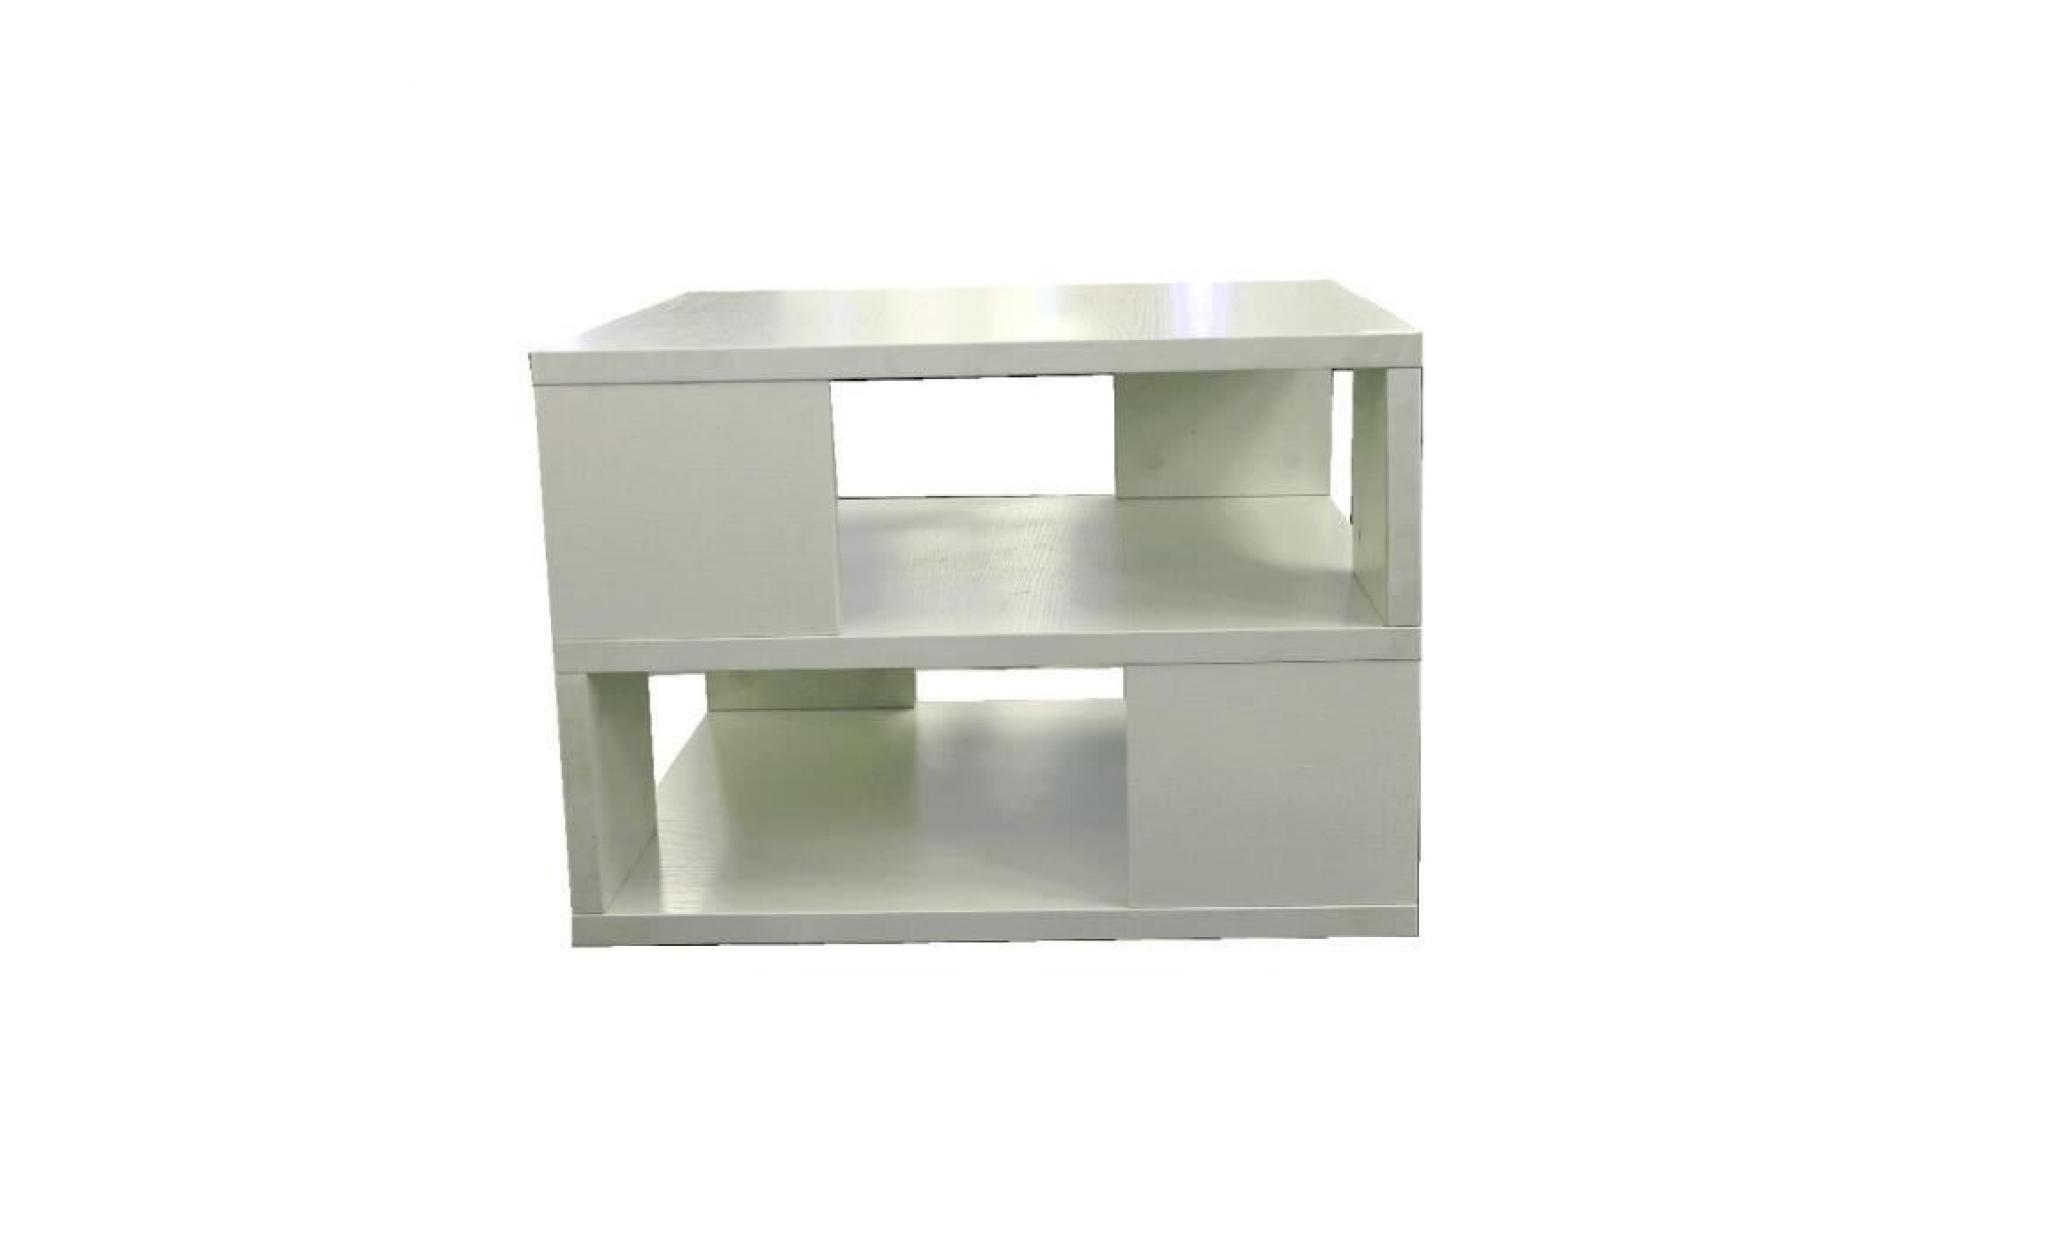 osia table basse acajou rectangulaire 120x75x35 cm achat vente table basse pas cher couleur. Black Bedroom Furniture Sets. Home Design Ideas